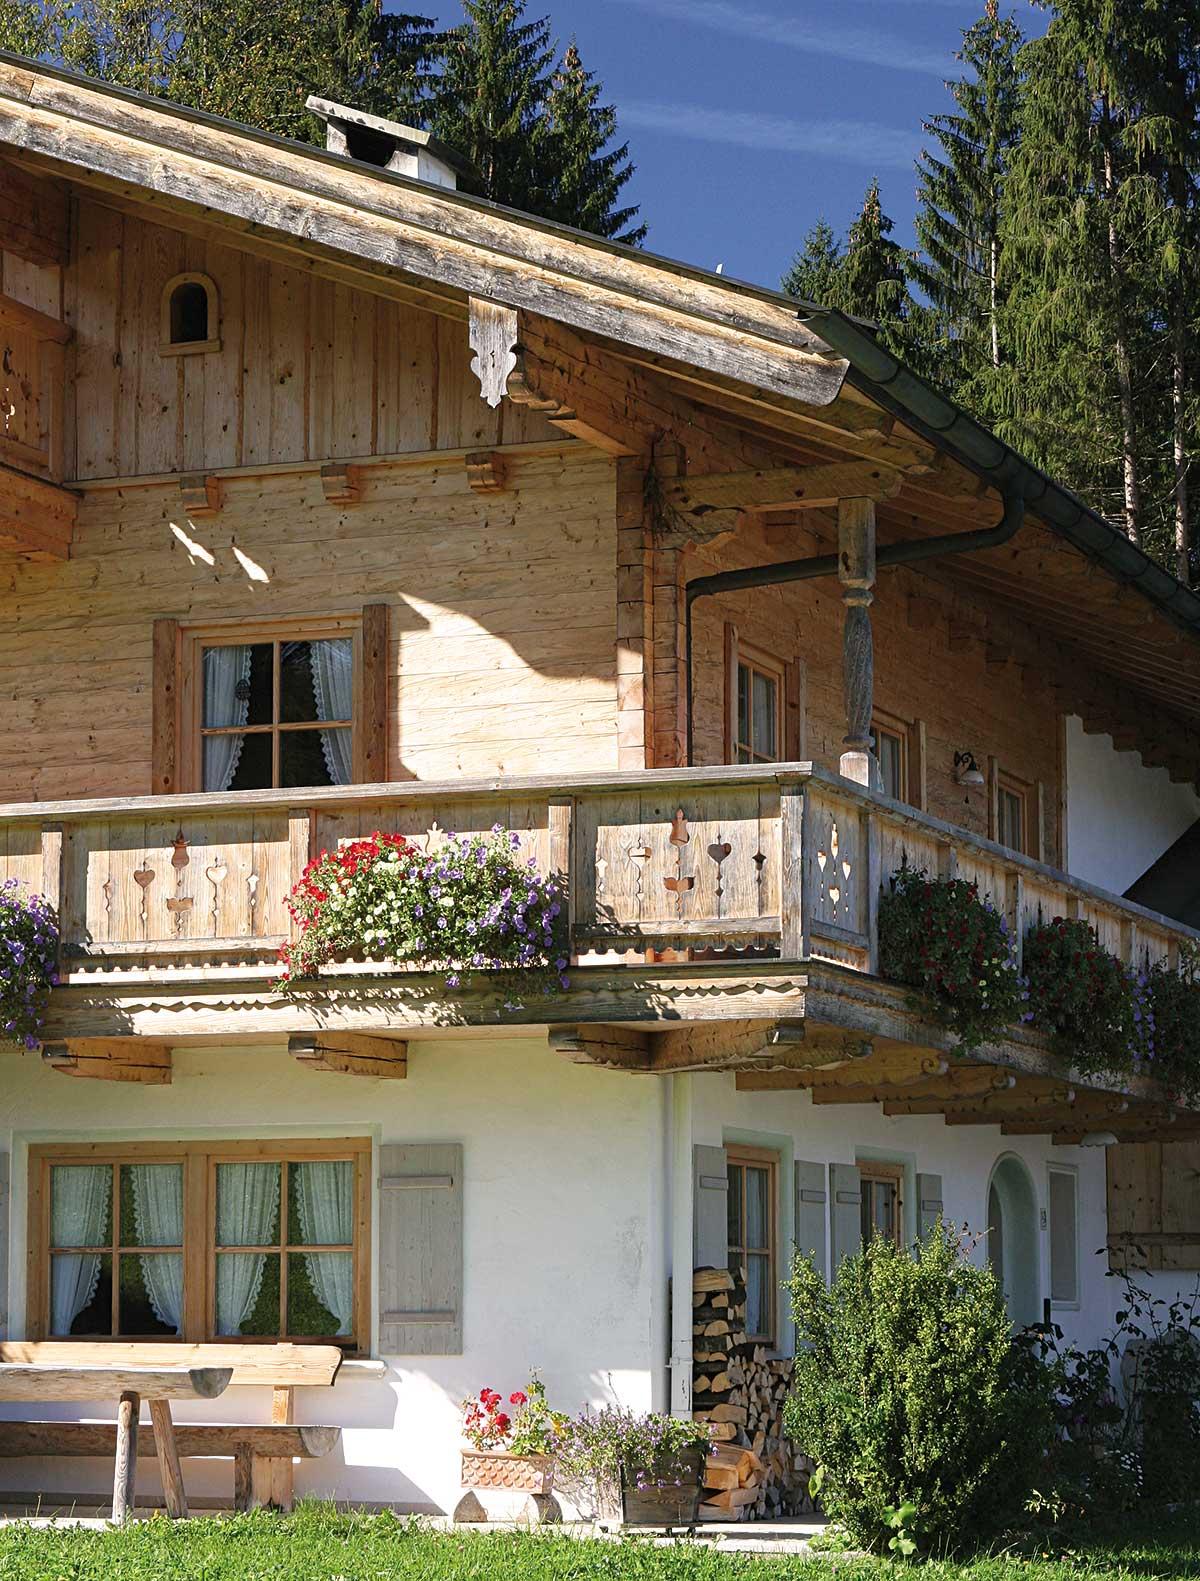 bauernhaus zimmerei aschauer berchtesgaden. Black Bedroom Furniture Sets. Home Design Ideas